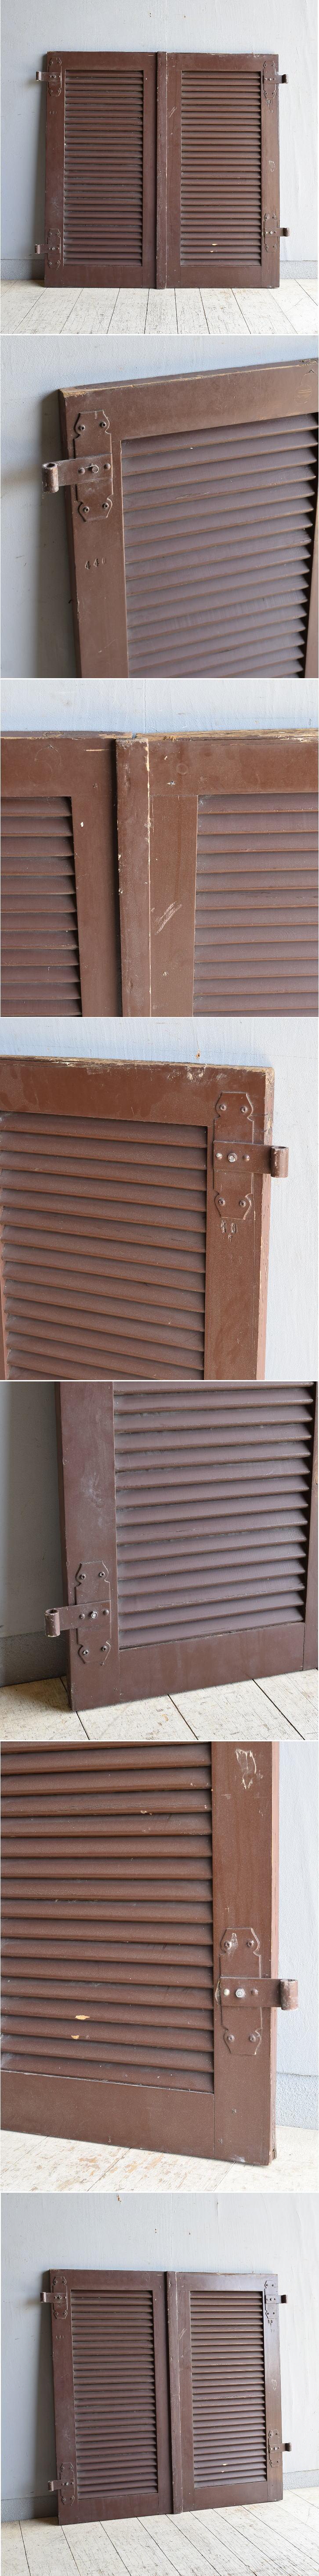 ドイツ製 アンティーク 木製ルーバー雨戸×2  ディスプレイ 建具 8614